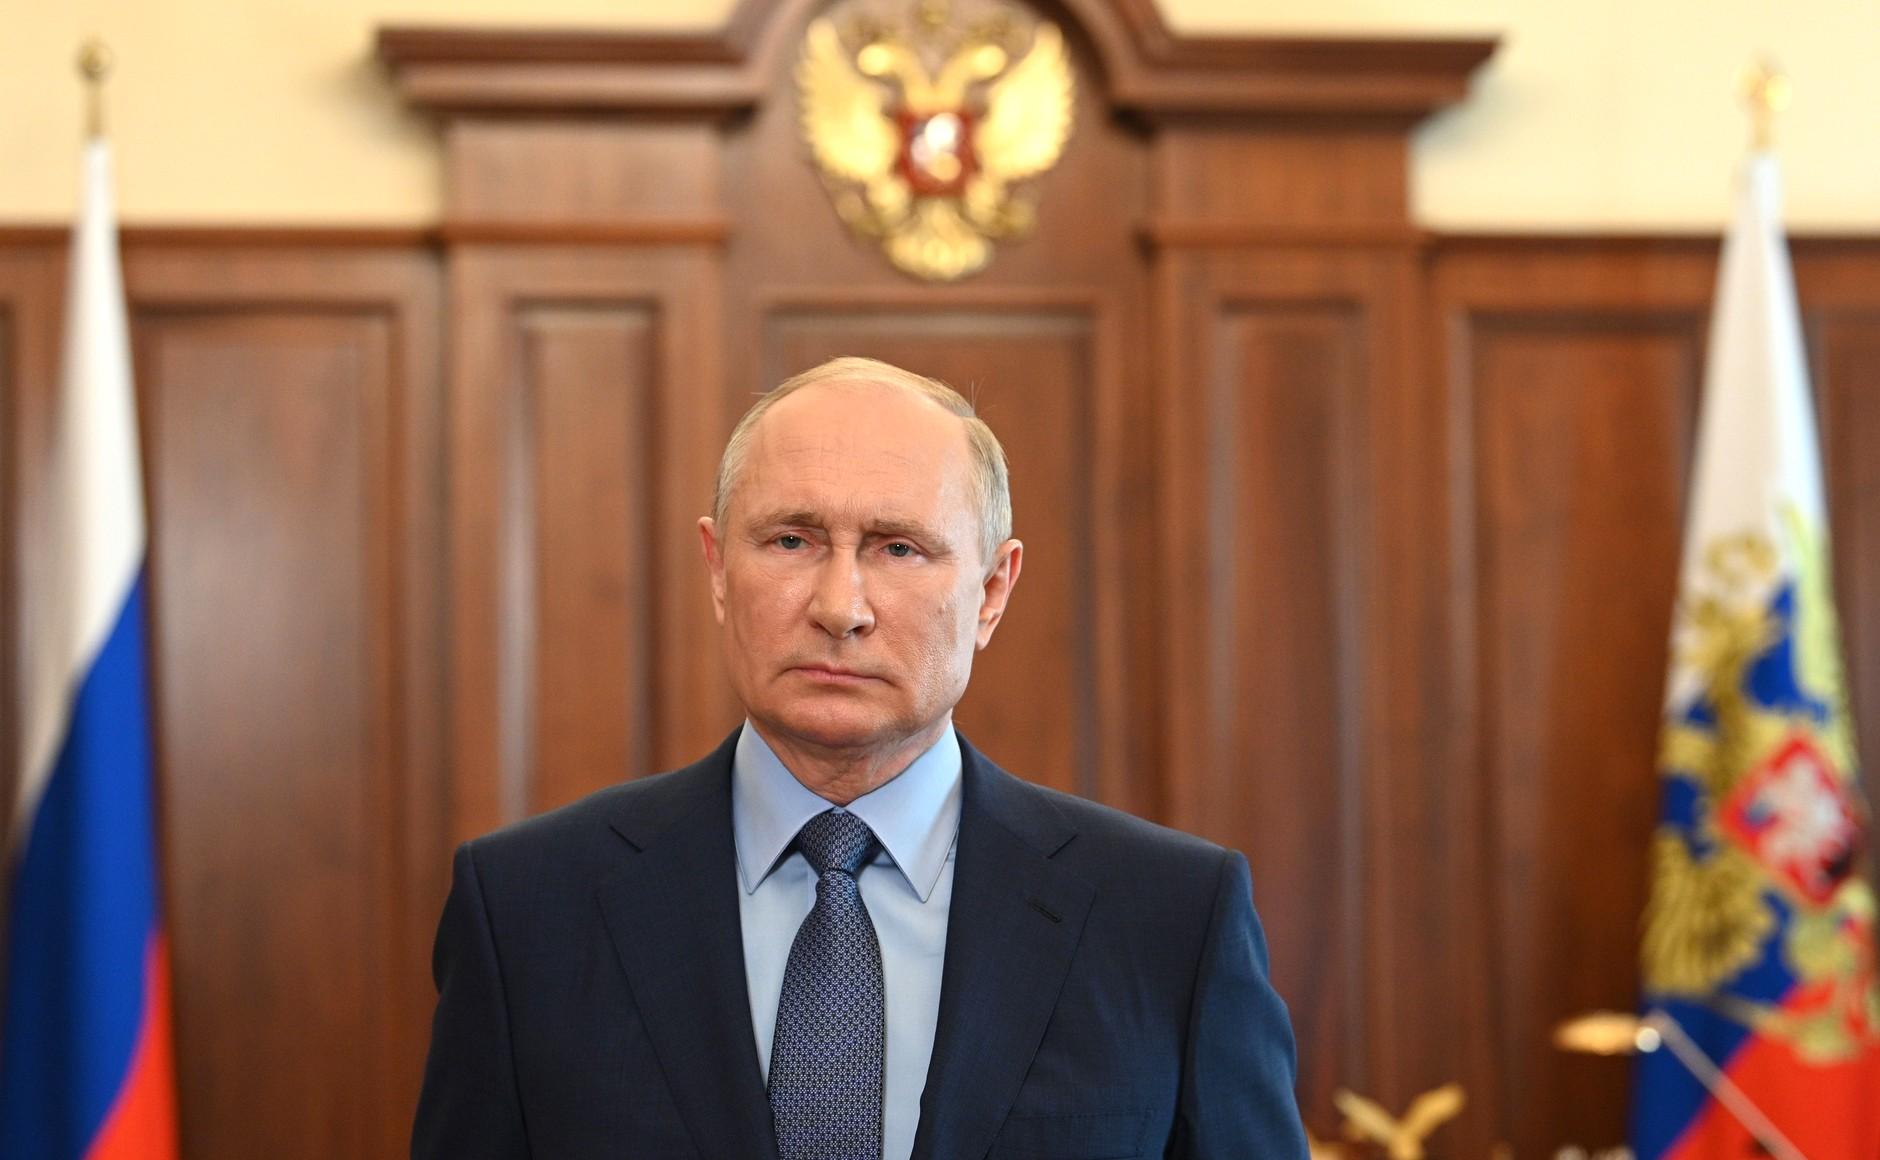 Статья Владимира Путина «Об историческом единстве русских и украинцев»